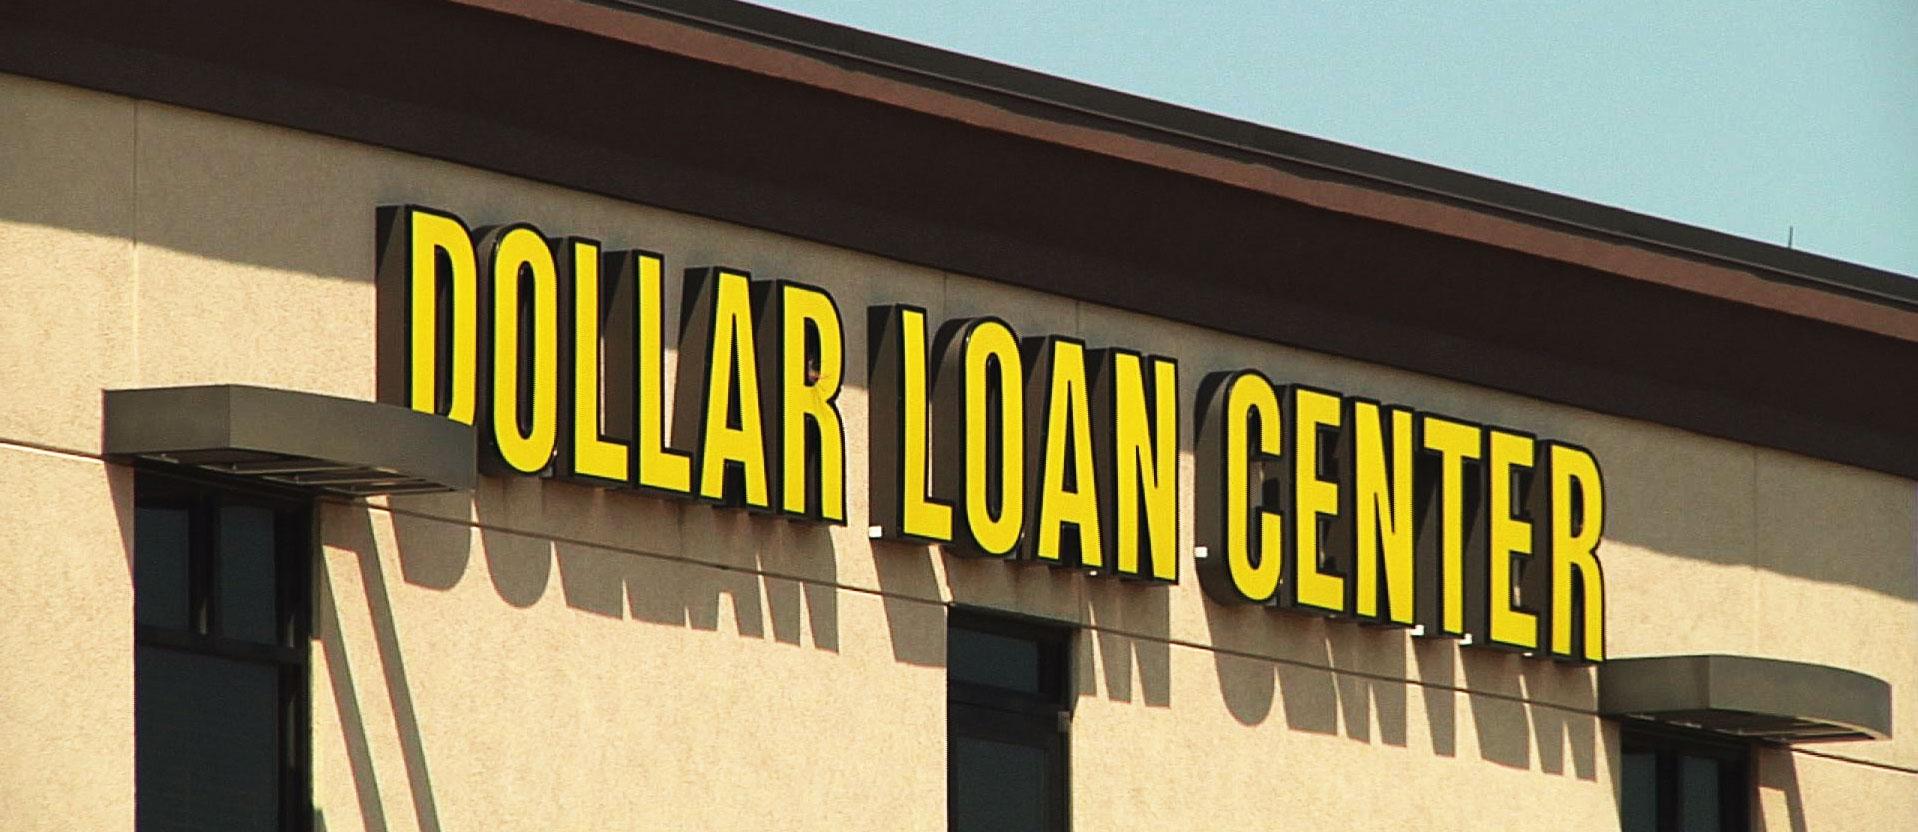 Dollar Loan